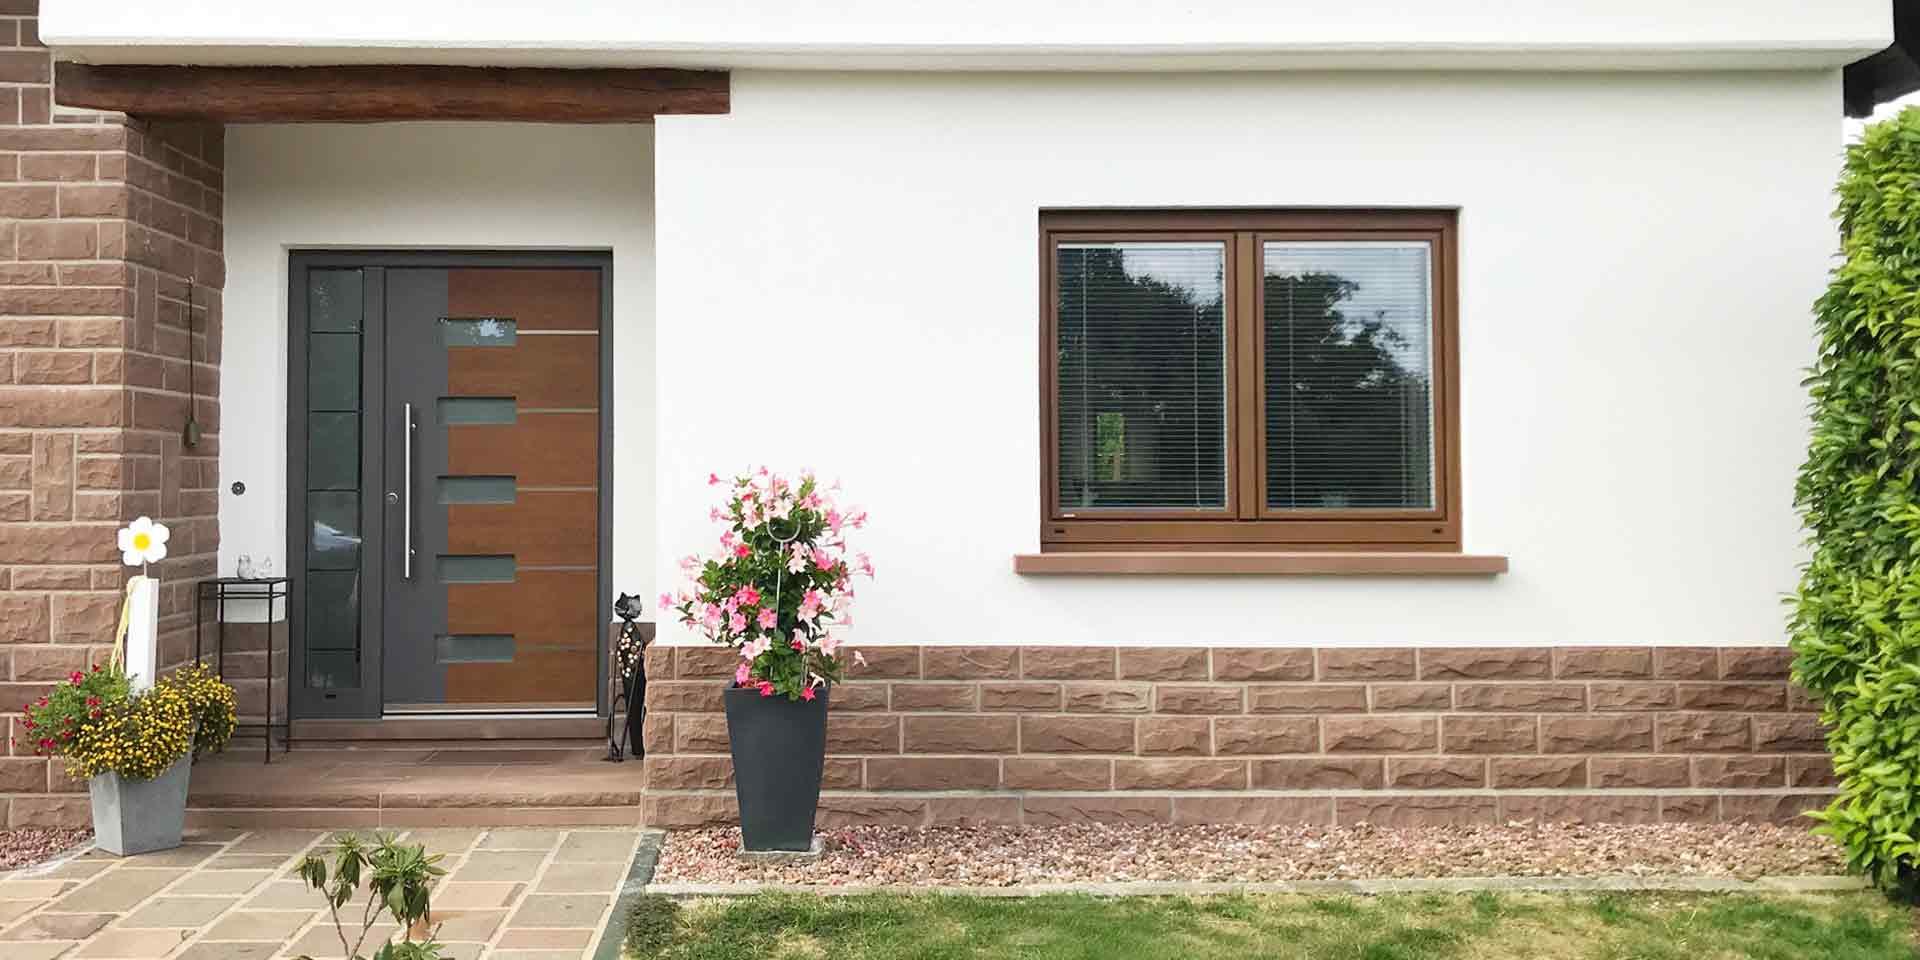 Nahaufnahme der Vorderseite des weiß-braunen Einfamilienhauses mit der modernen grau-braunen Coplaning Haustür links im Bild und dem Alu Holz Coplaning Fenster rechts im Bild.